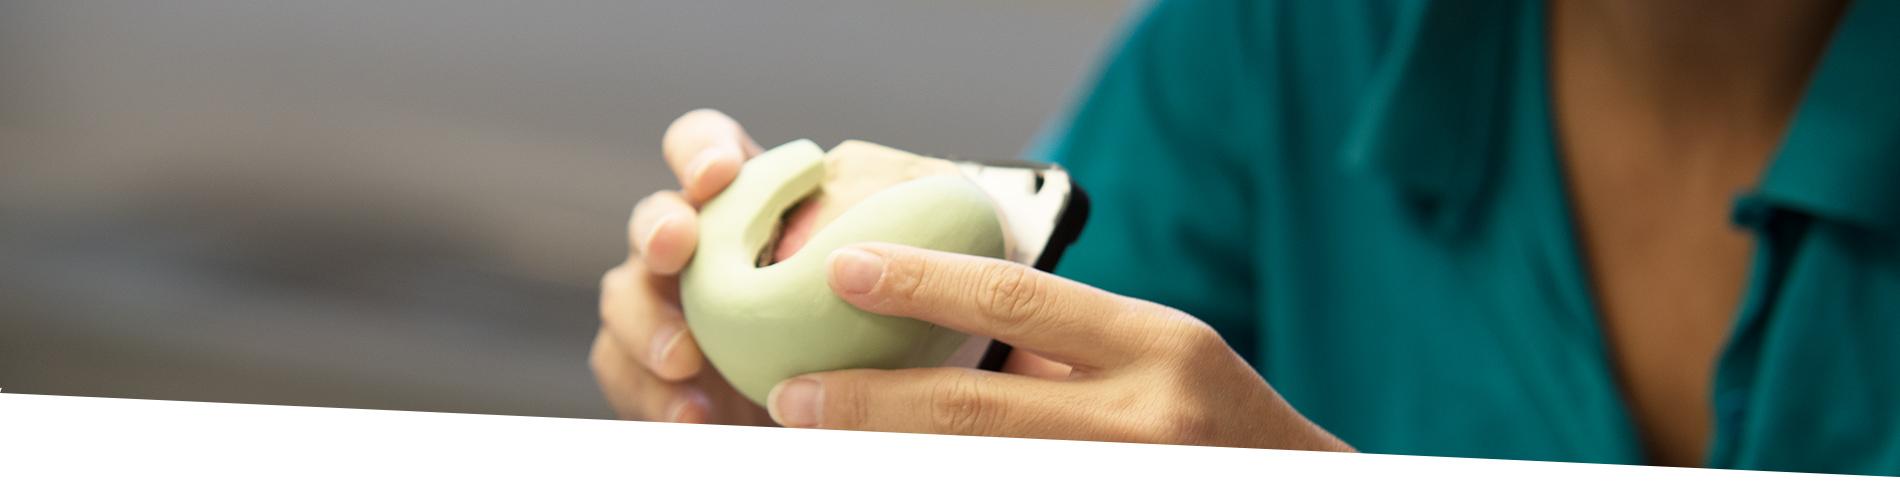 Produzione Protesi Dentali